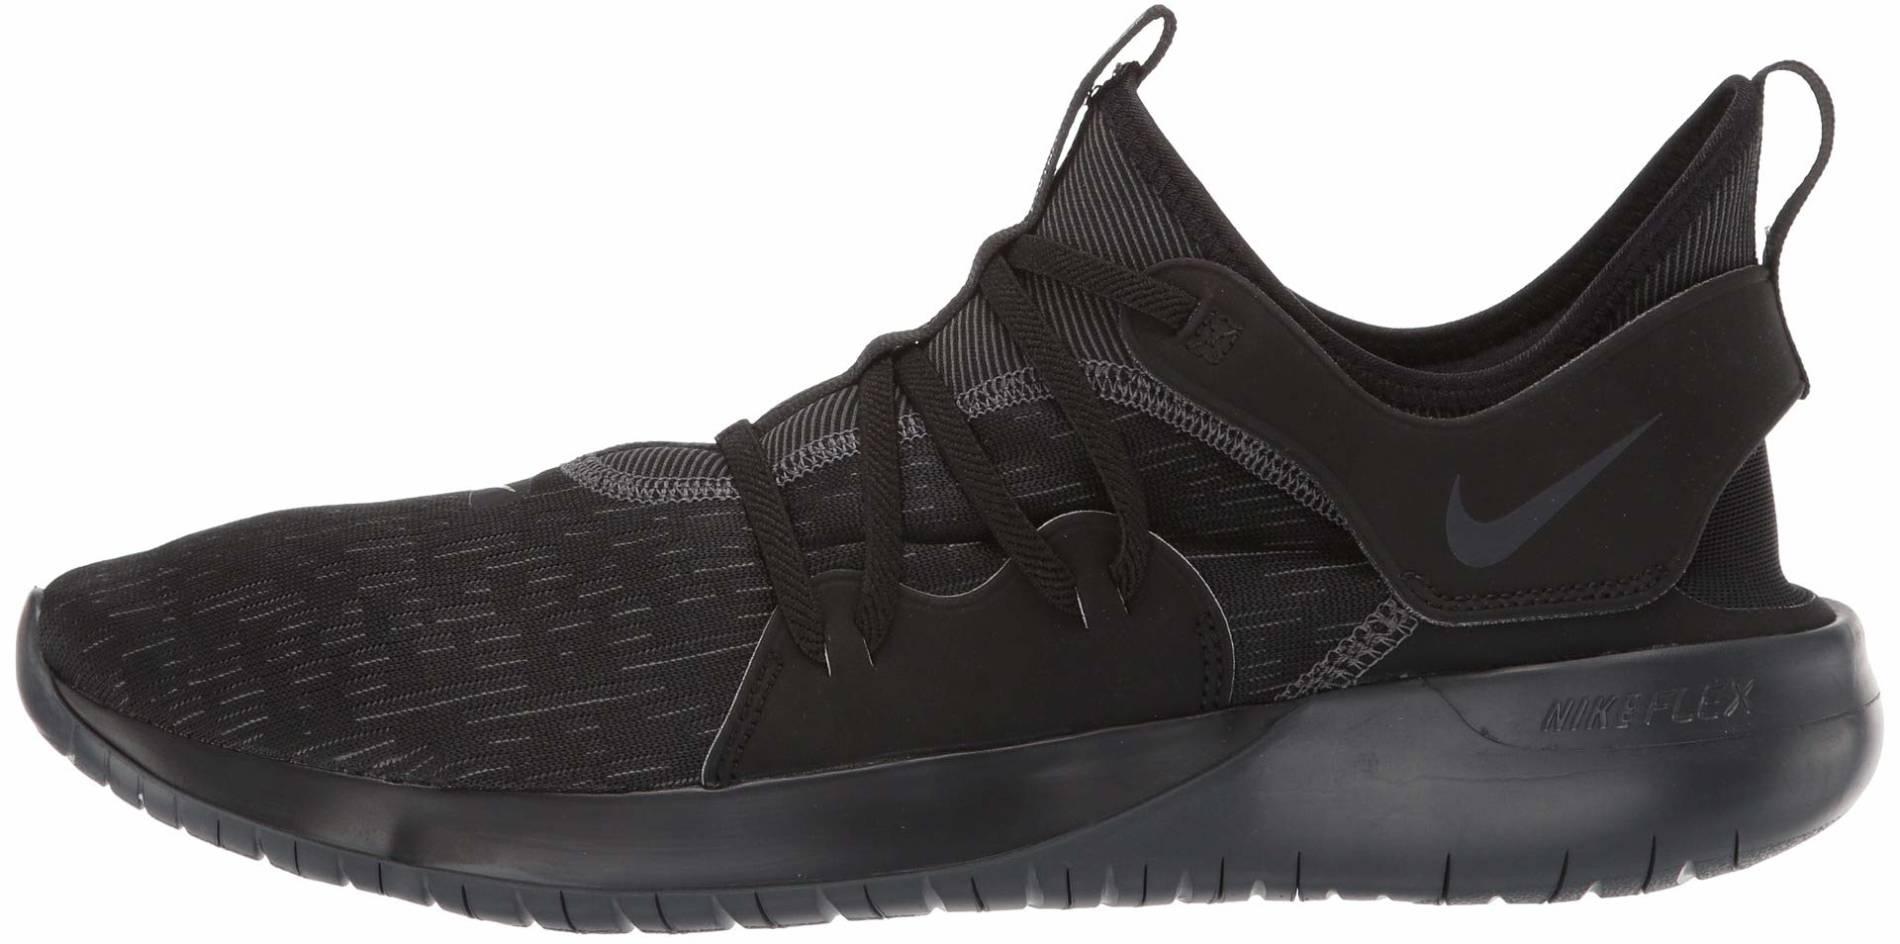 radioactividad beneficio Autenticación  Only $47 + Review of Nike Flex Contact 3 | RunRepeat